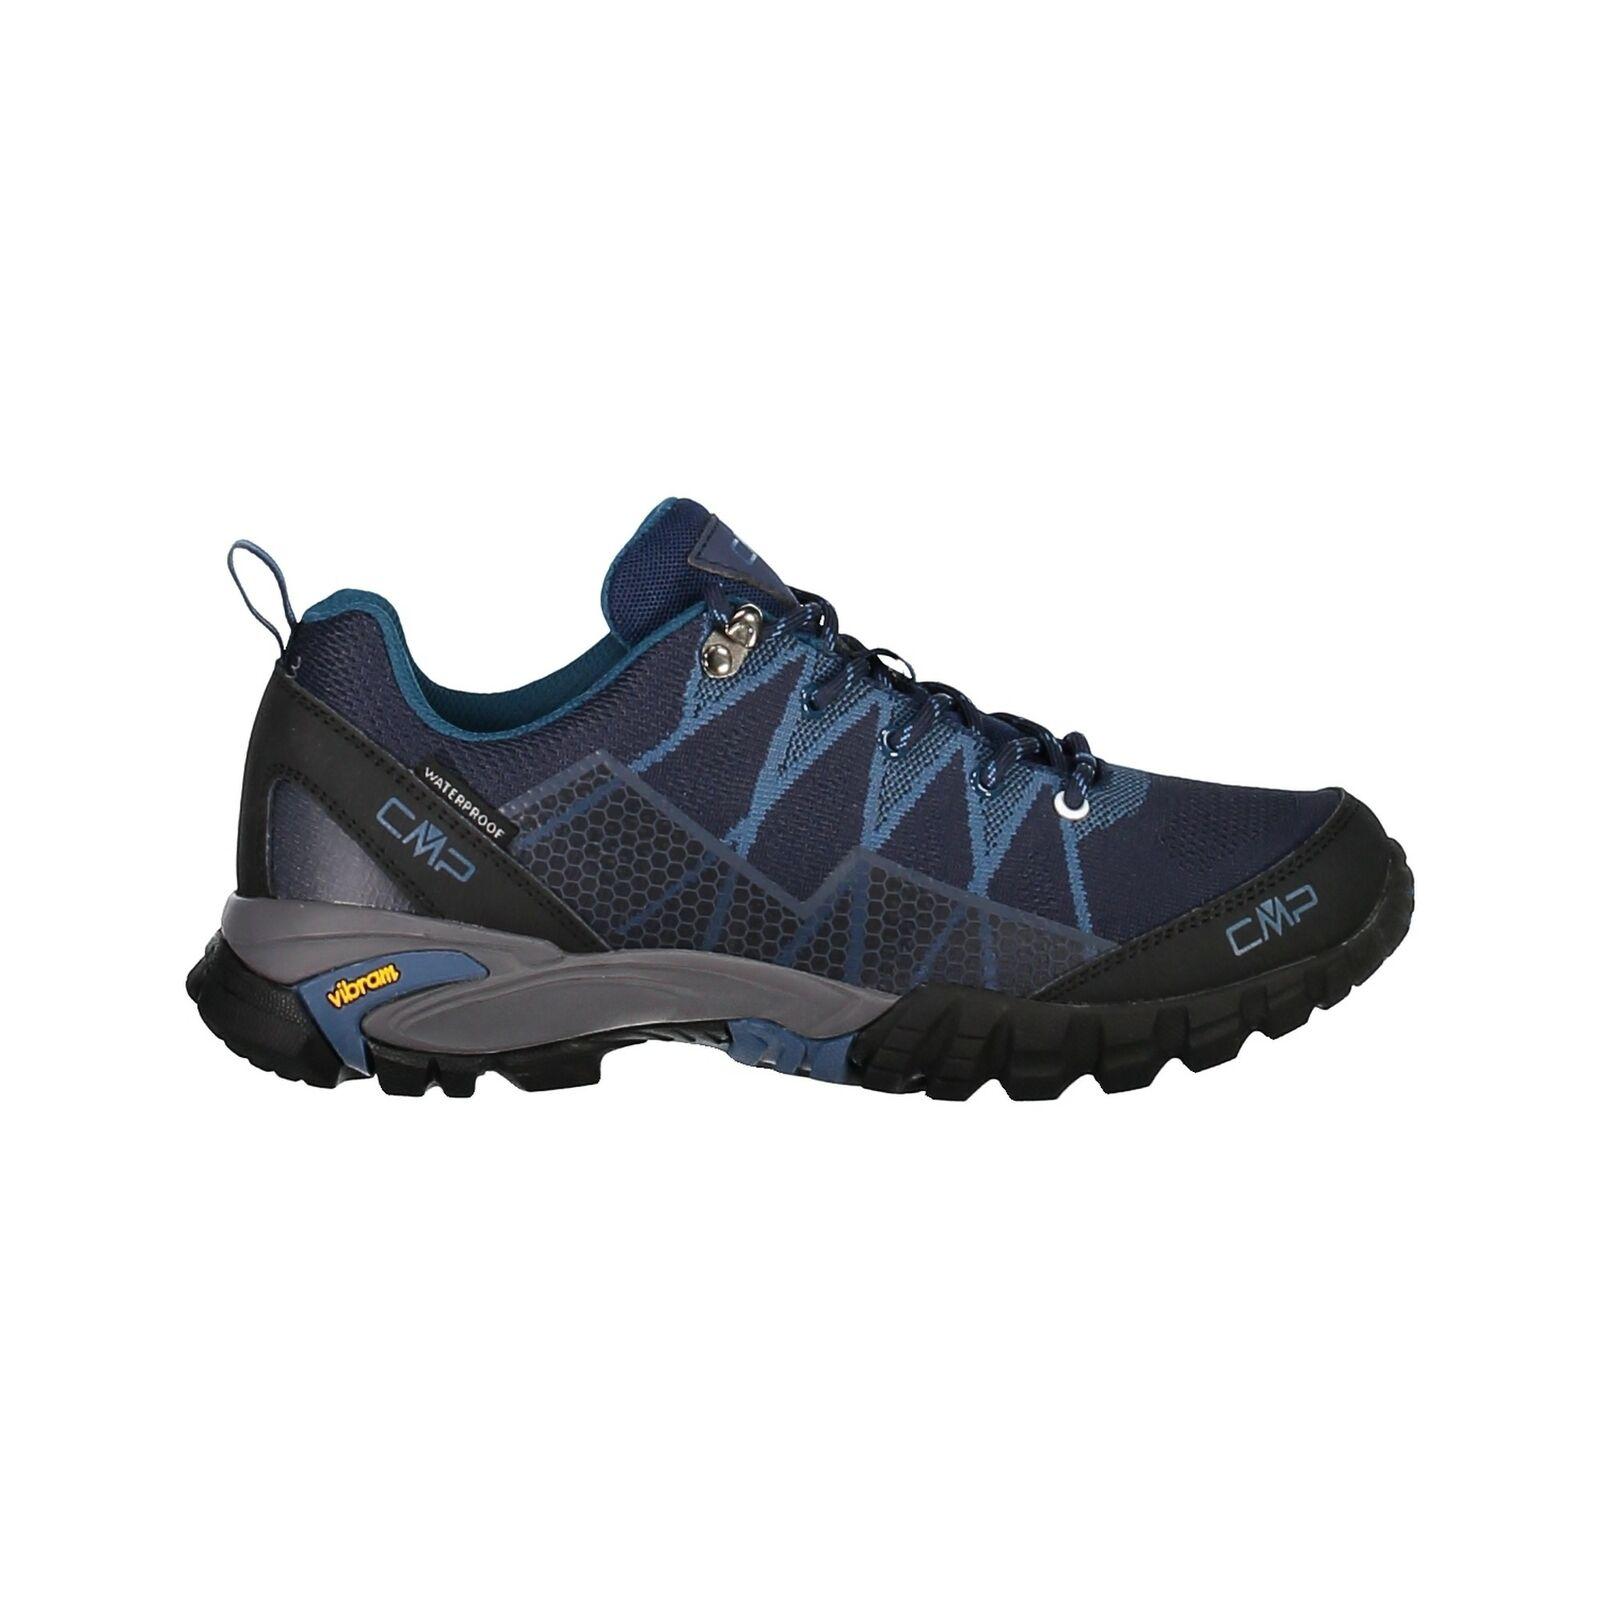 CMP trekking shoes  outdoor trekking tauri low wp shoe dark bluee windproof  simple and generous design